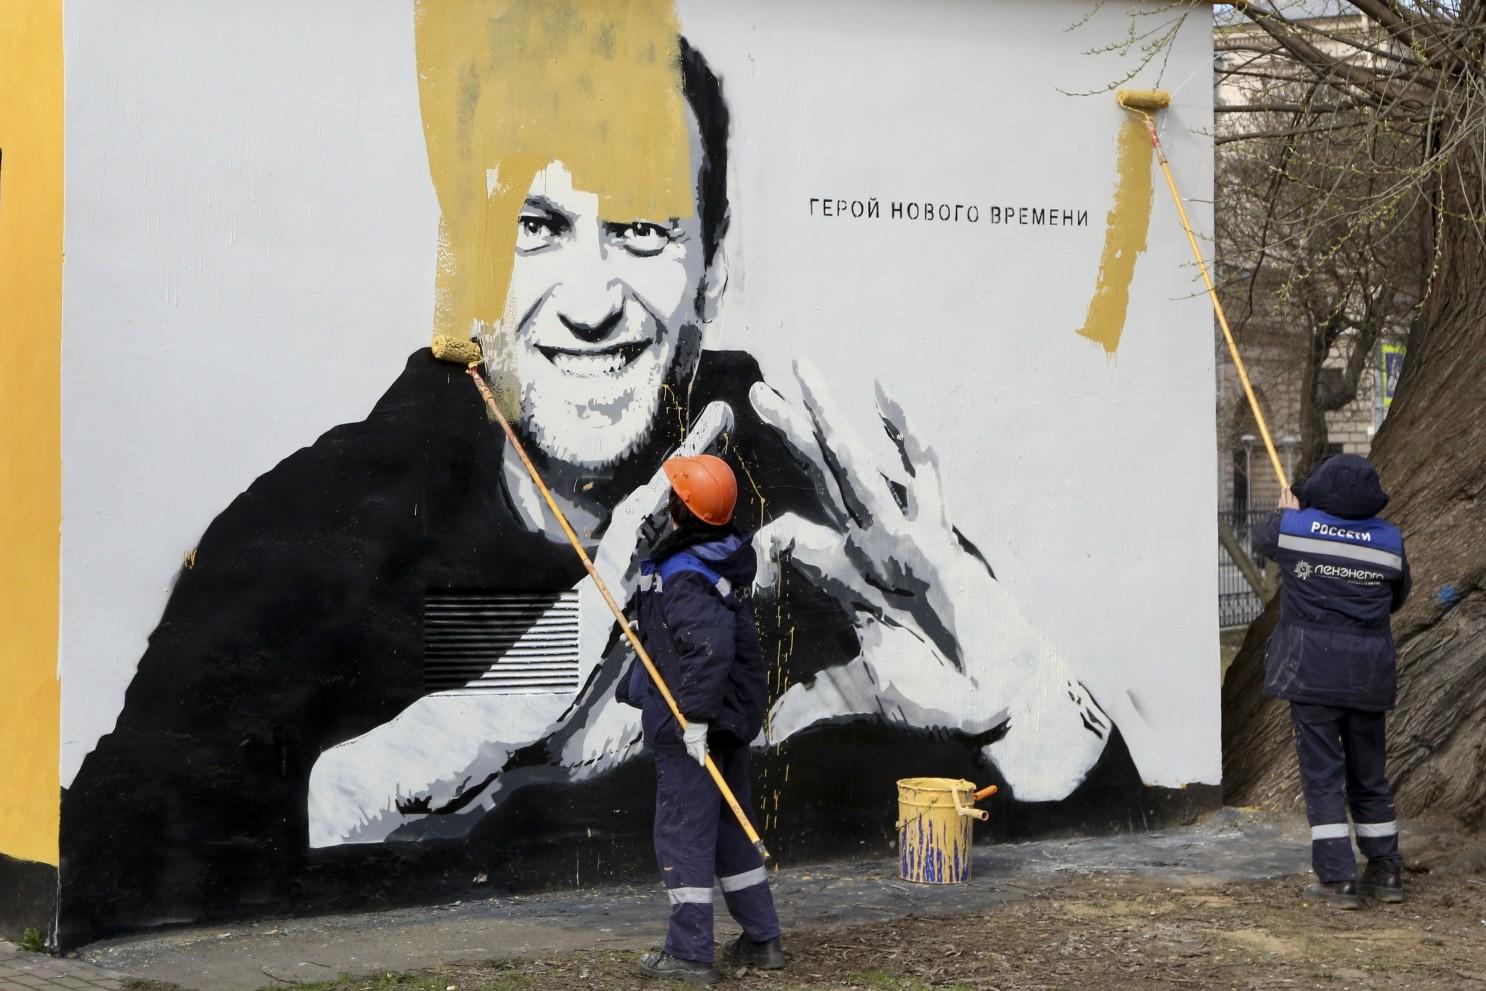 سیمای روسیه در آستانه انتخابات پارلمانی